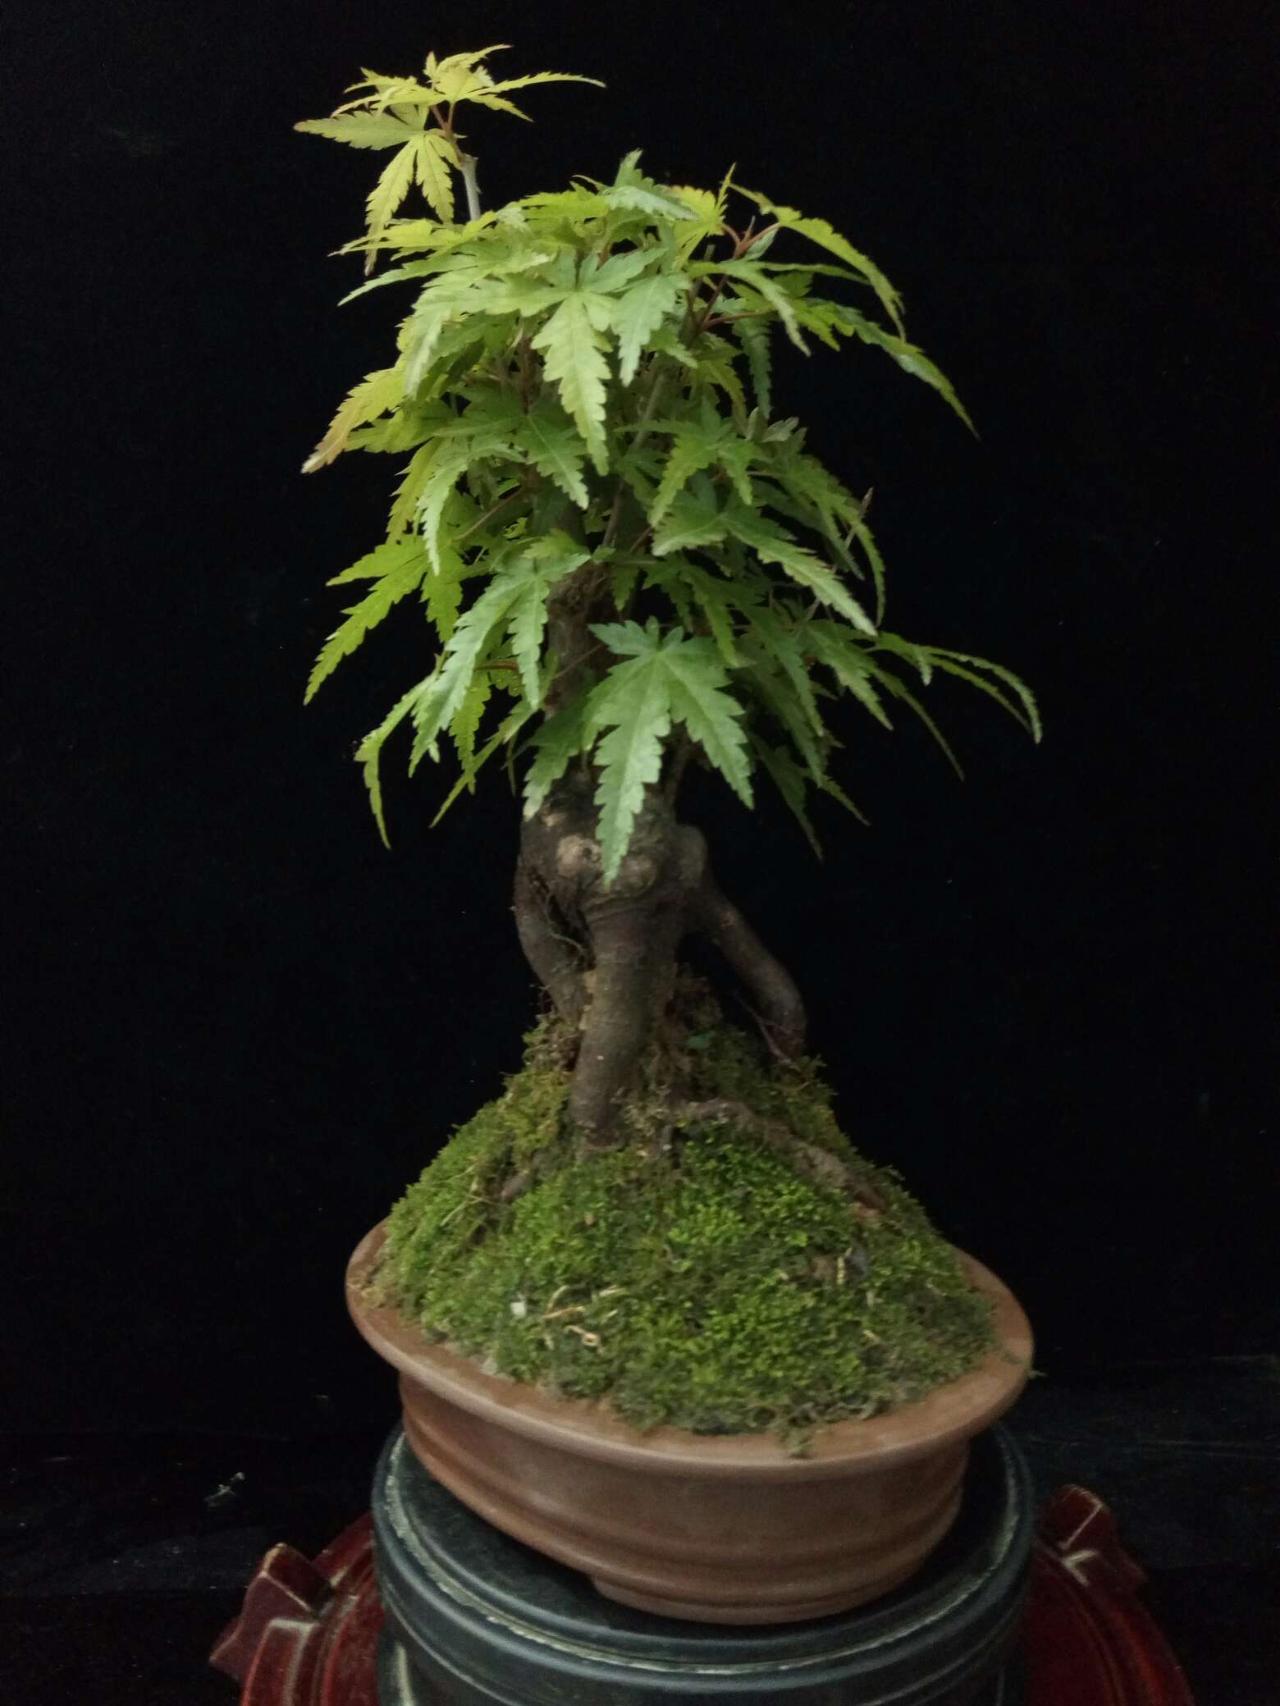 适合摆造型的可爱植物,放在家里很有意境,太喜欢了